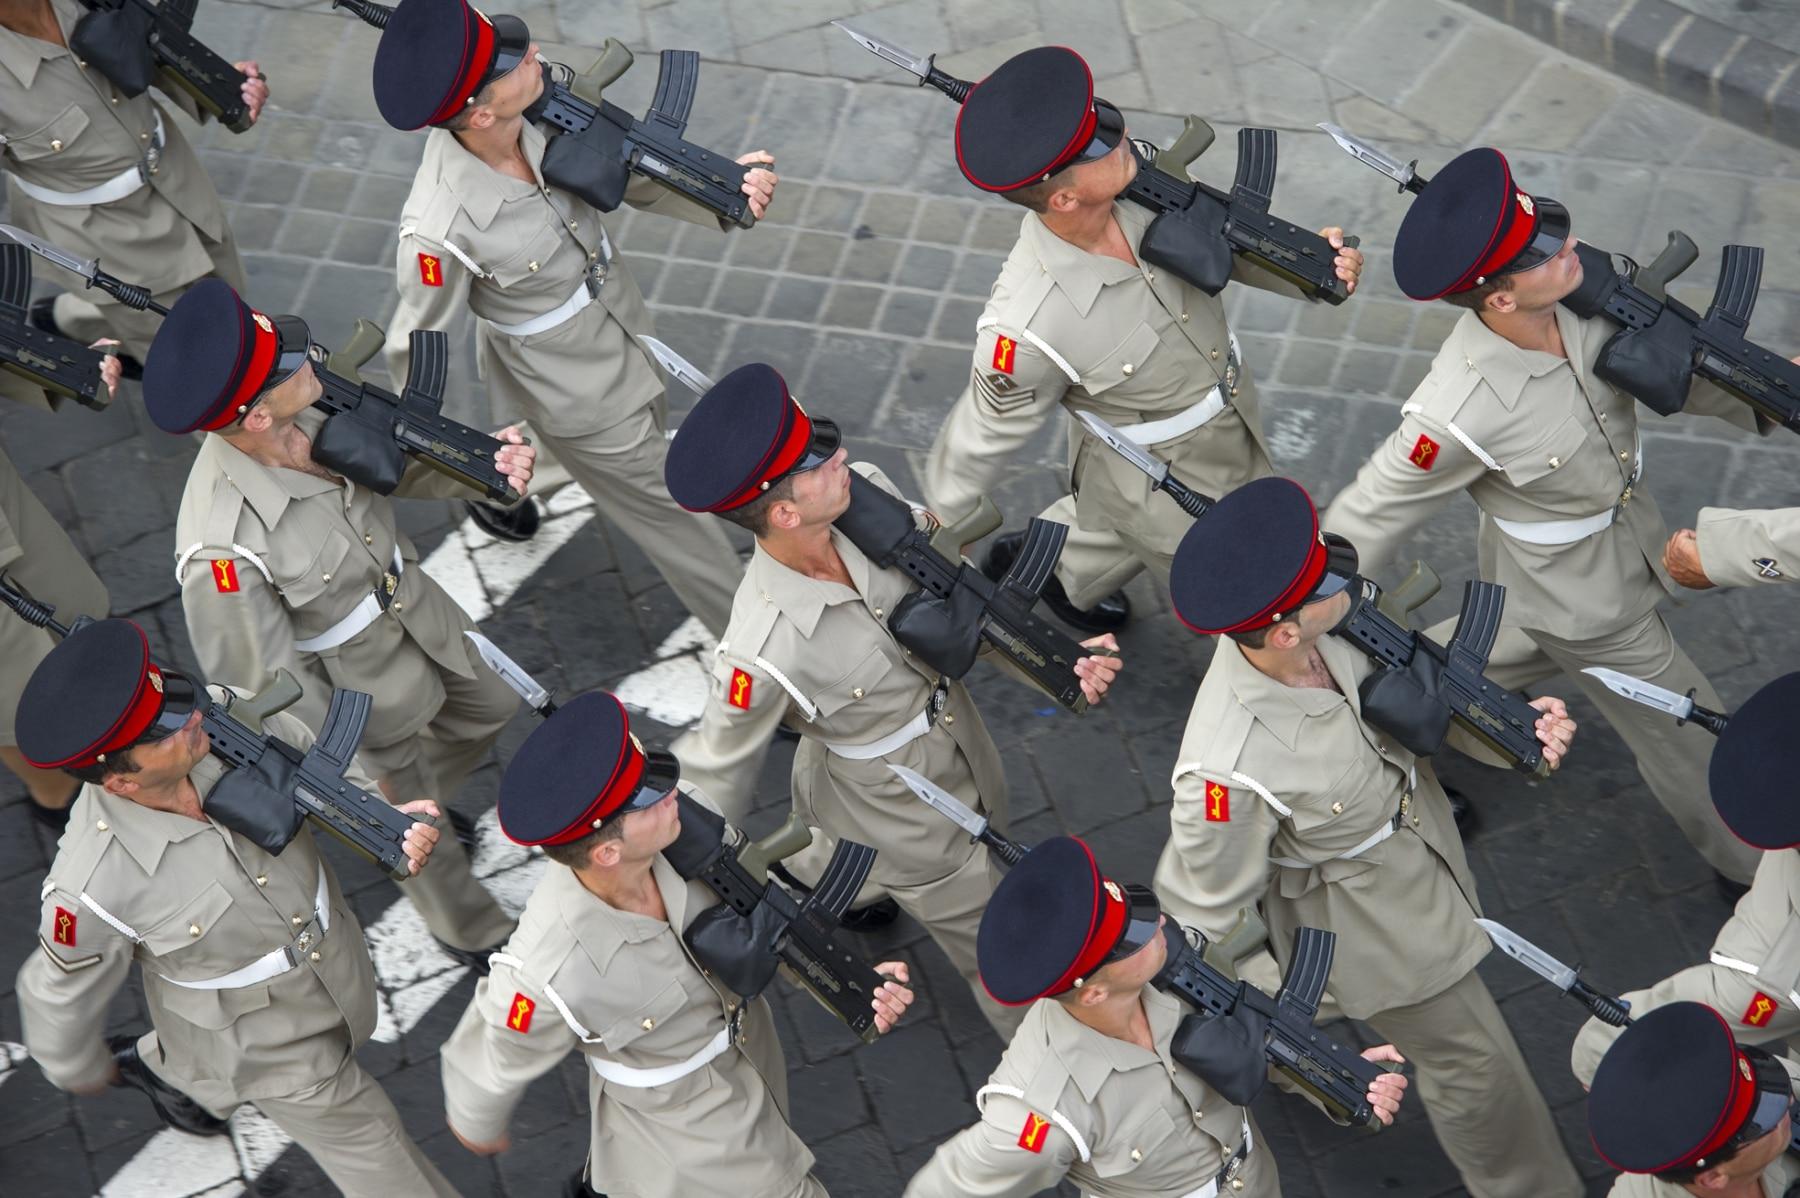 desfile-de-la-libertad-de-la-ciudad-gibraltar09_9858836553_o